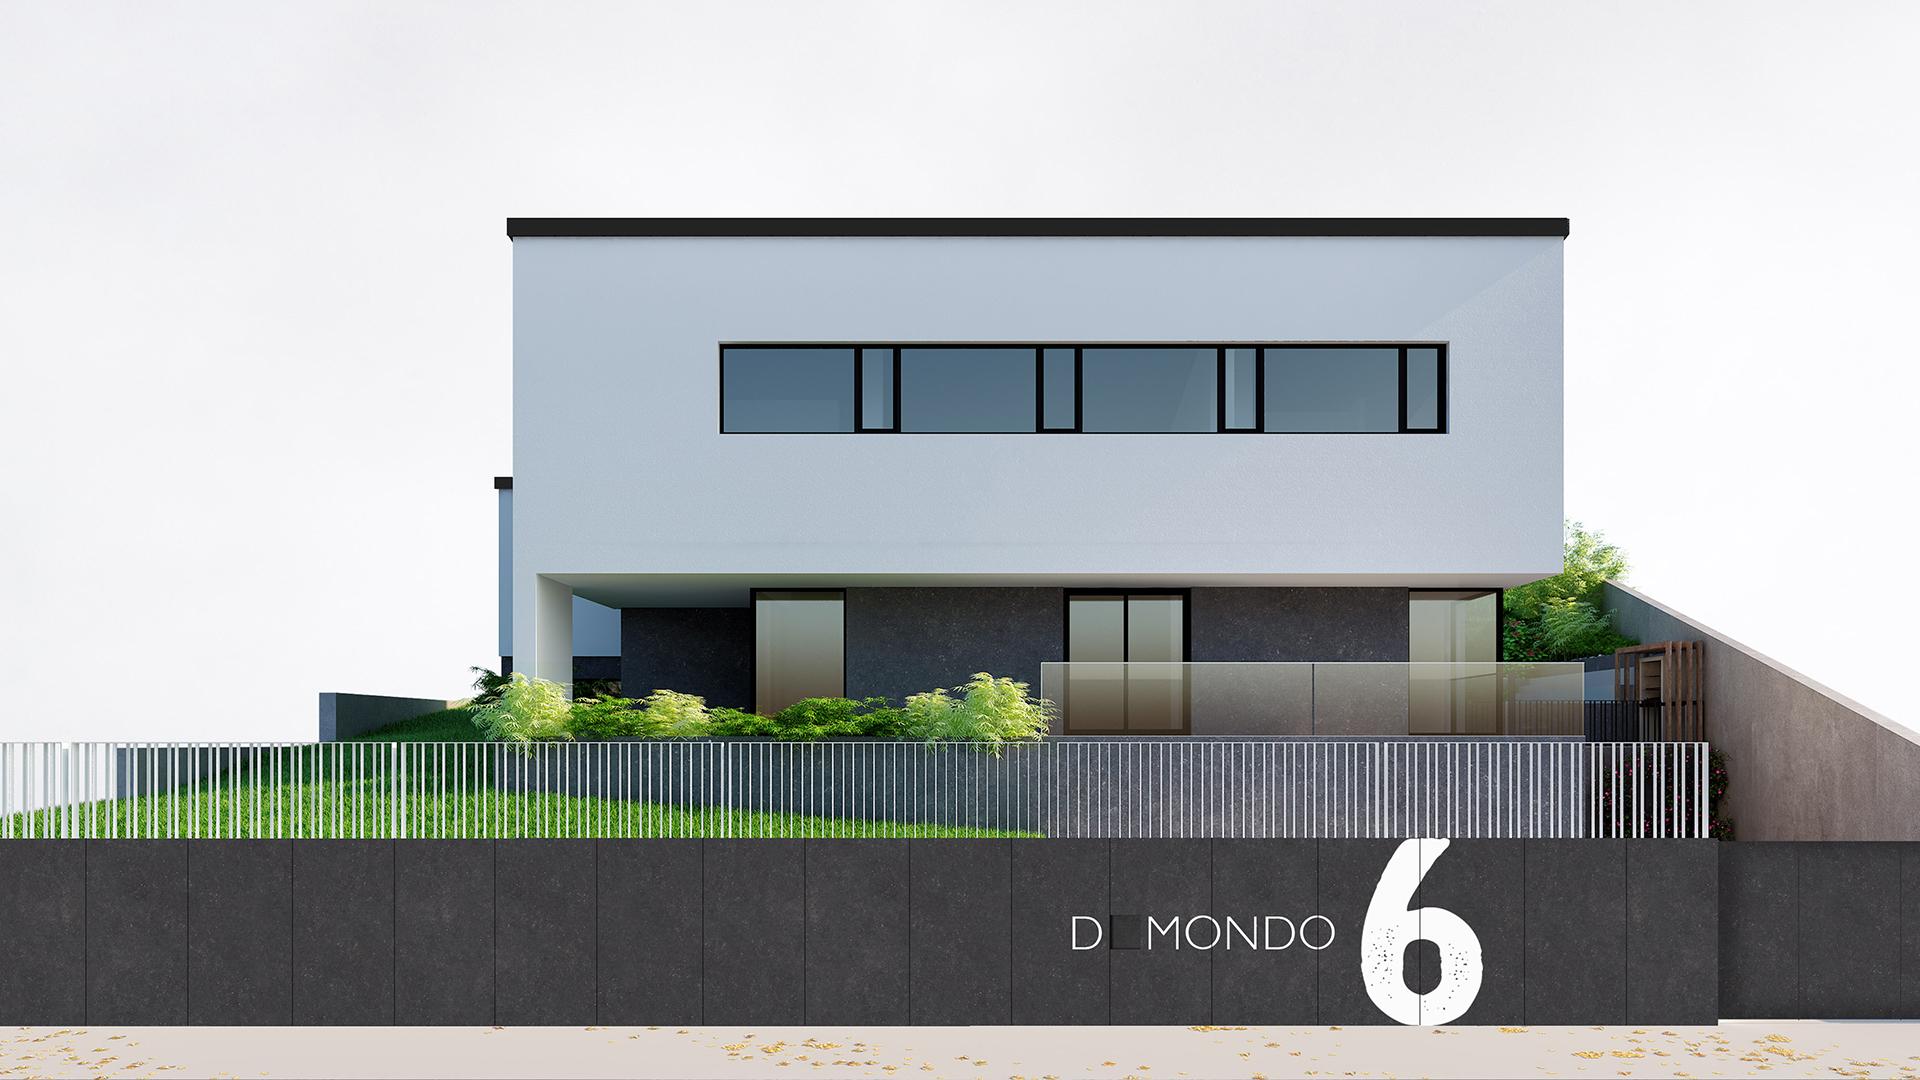 07_Paisajismo Pantin Do Mondo  Piscina Exteriores y Jardineria Zaton diseñadores Galicia